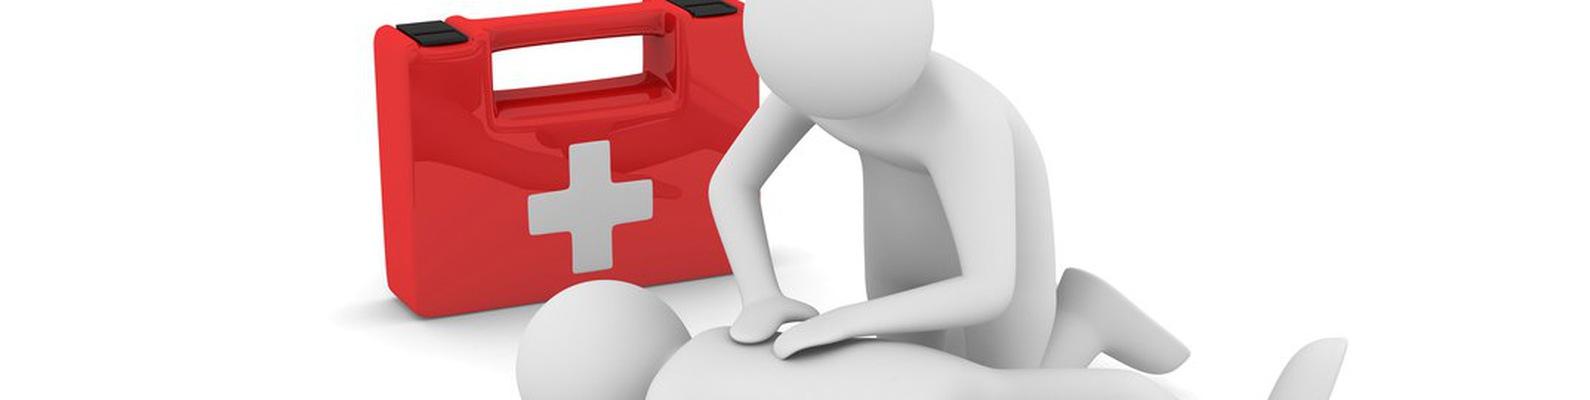 В группе ИС-33 были проведены занятия по оказанию первой доврачебной медицинской помощи